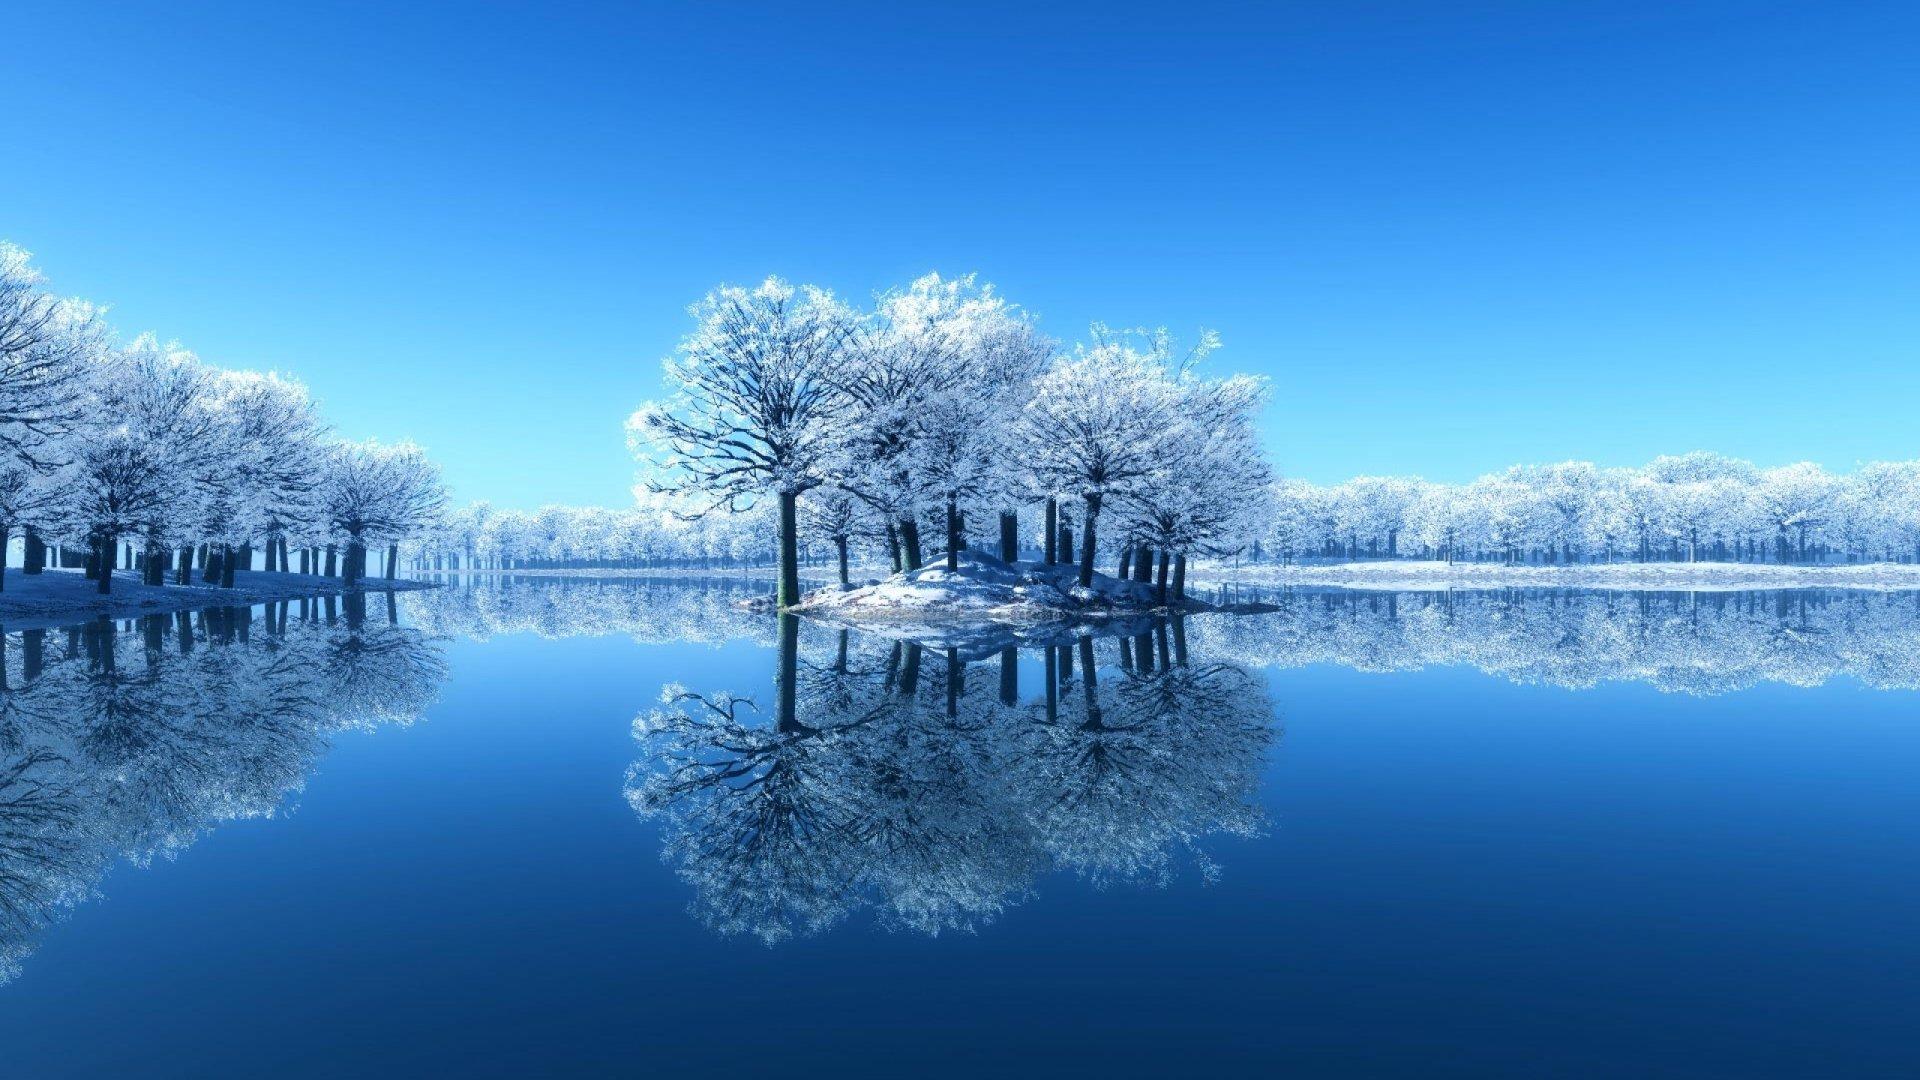 Earth - Winter  Wallpaper